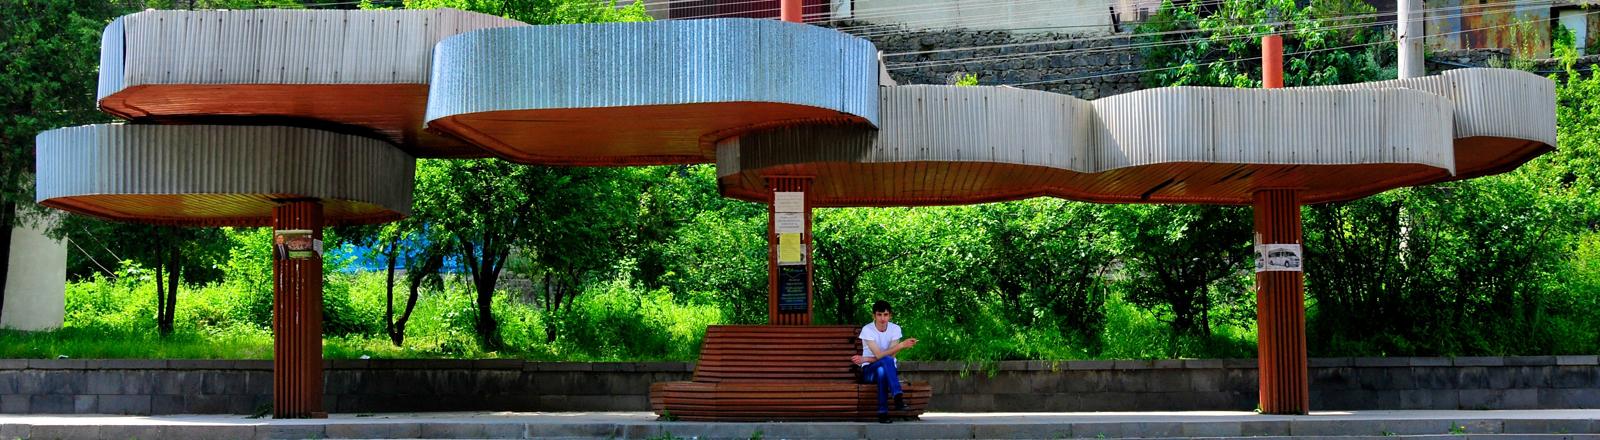 Bushaltestelle in Armenien